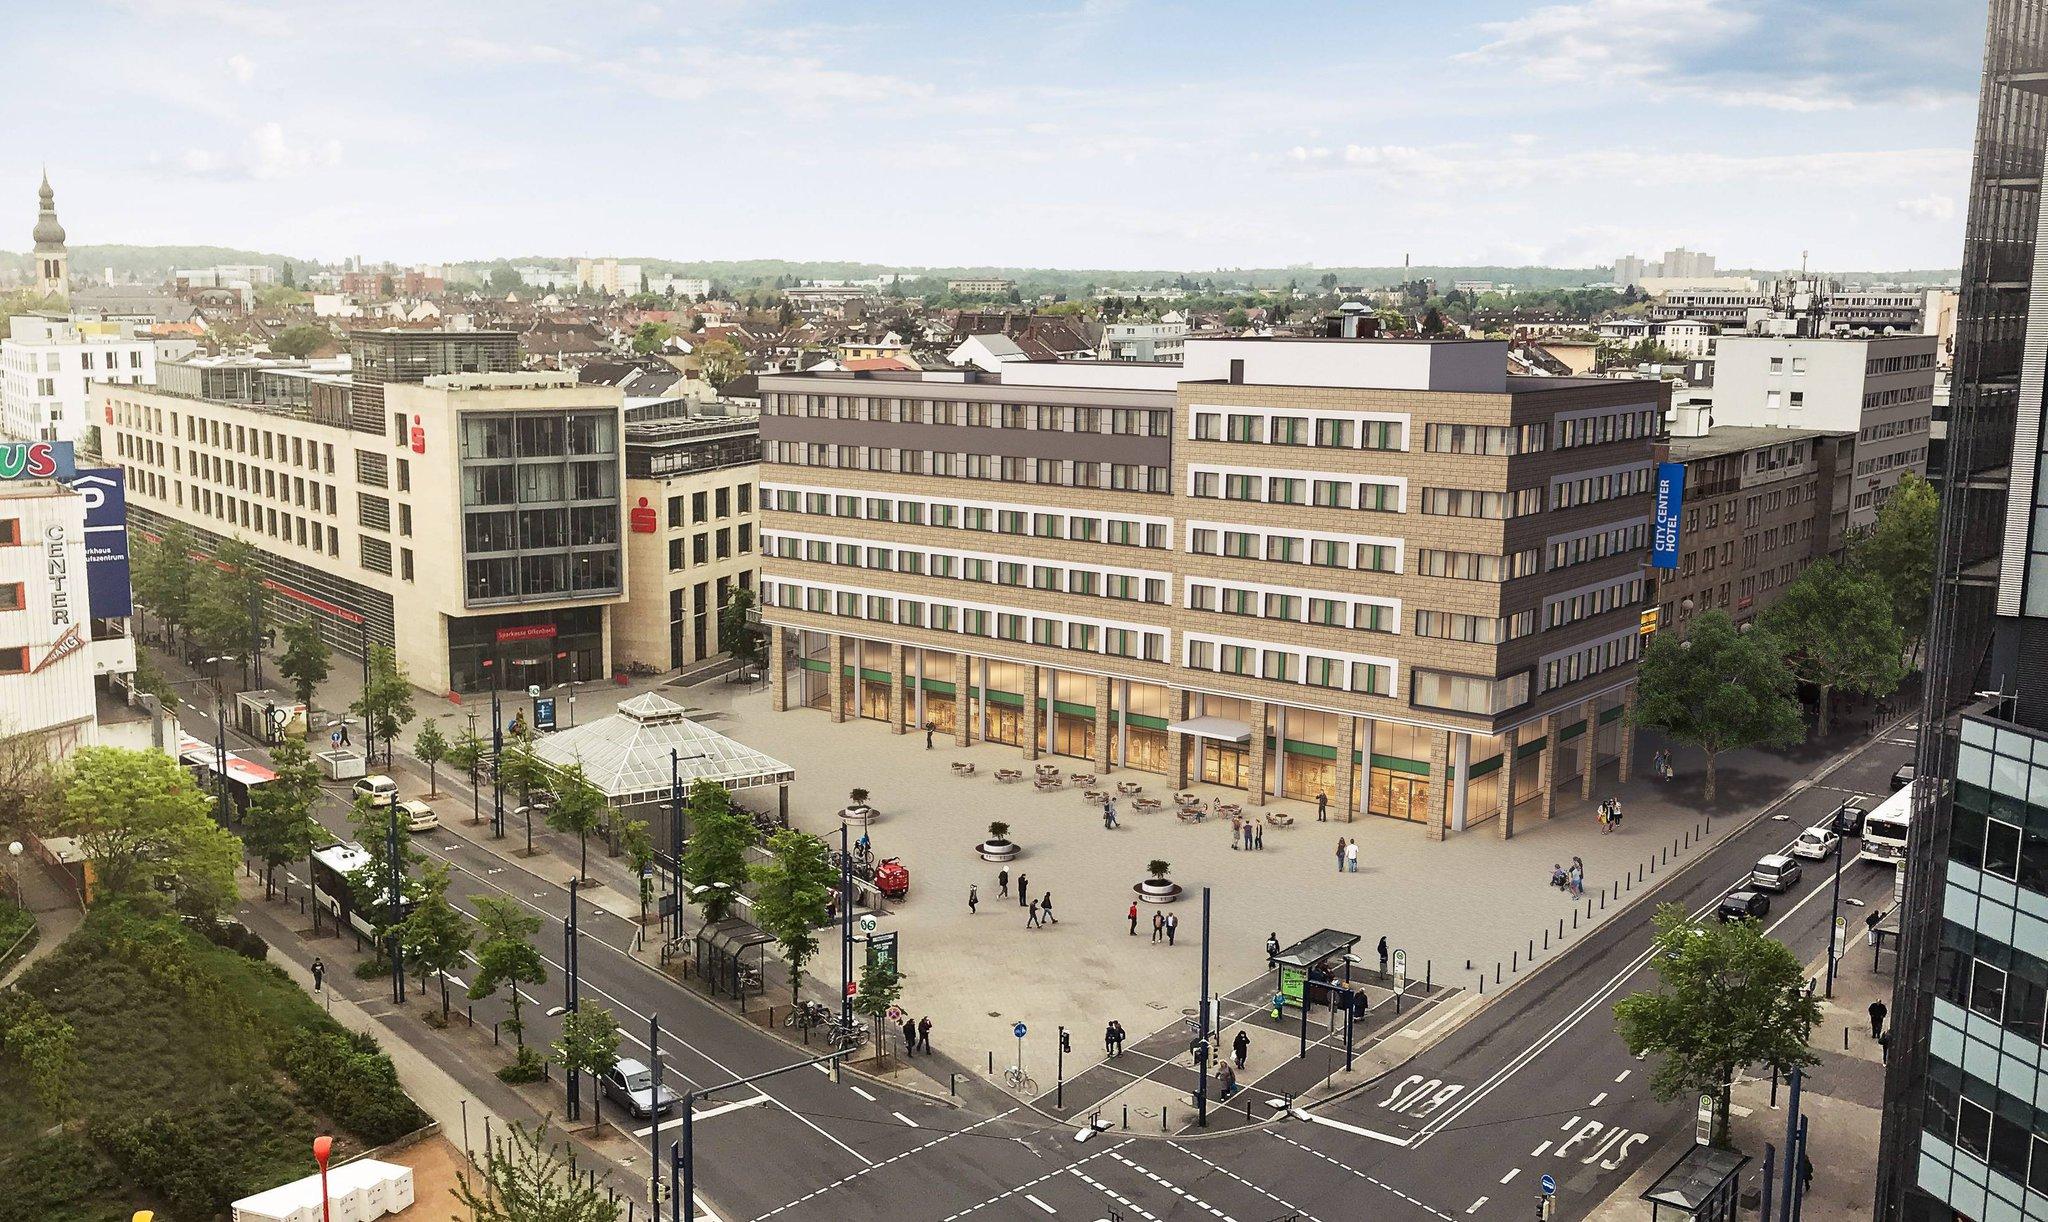 Umbau des City-Centers in Offenbach startet: Geschäfte und Hotel stehen fest